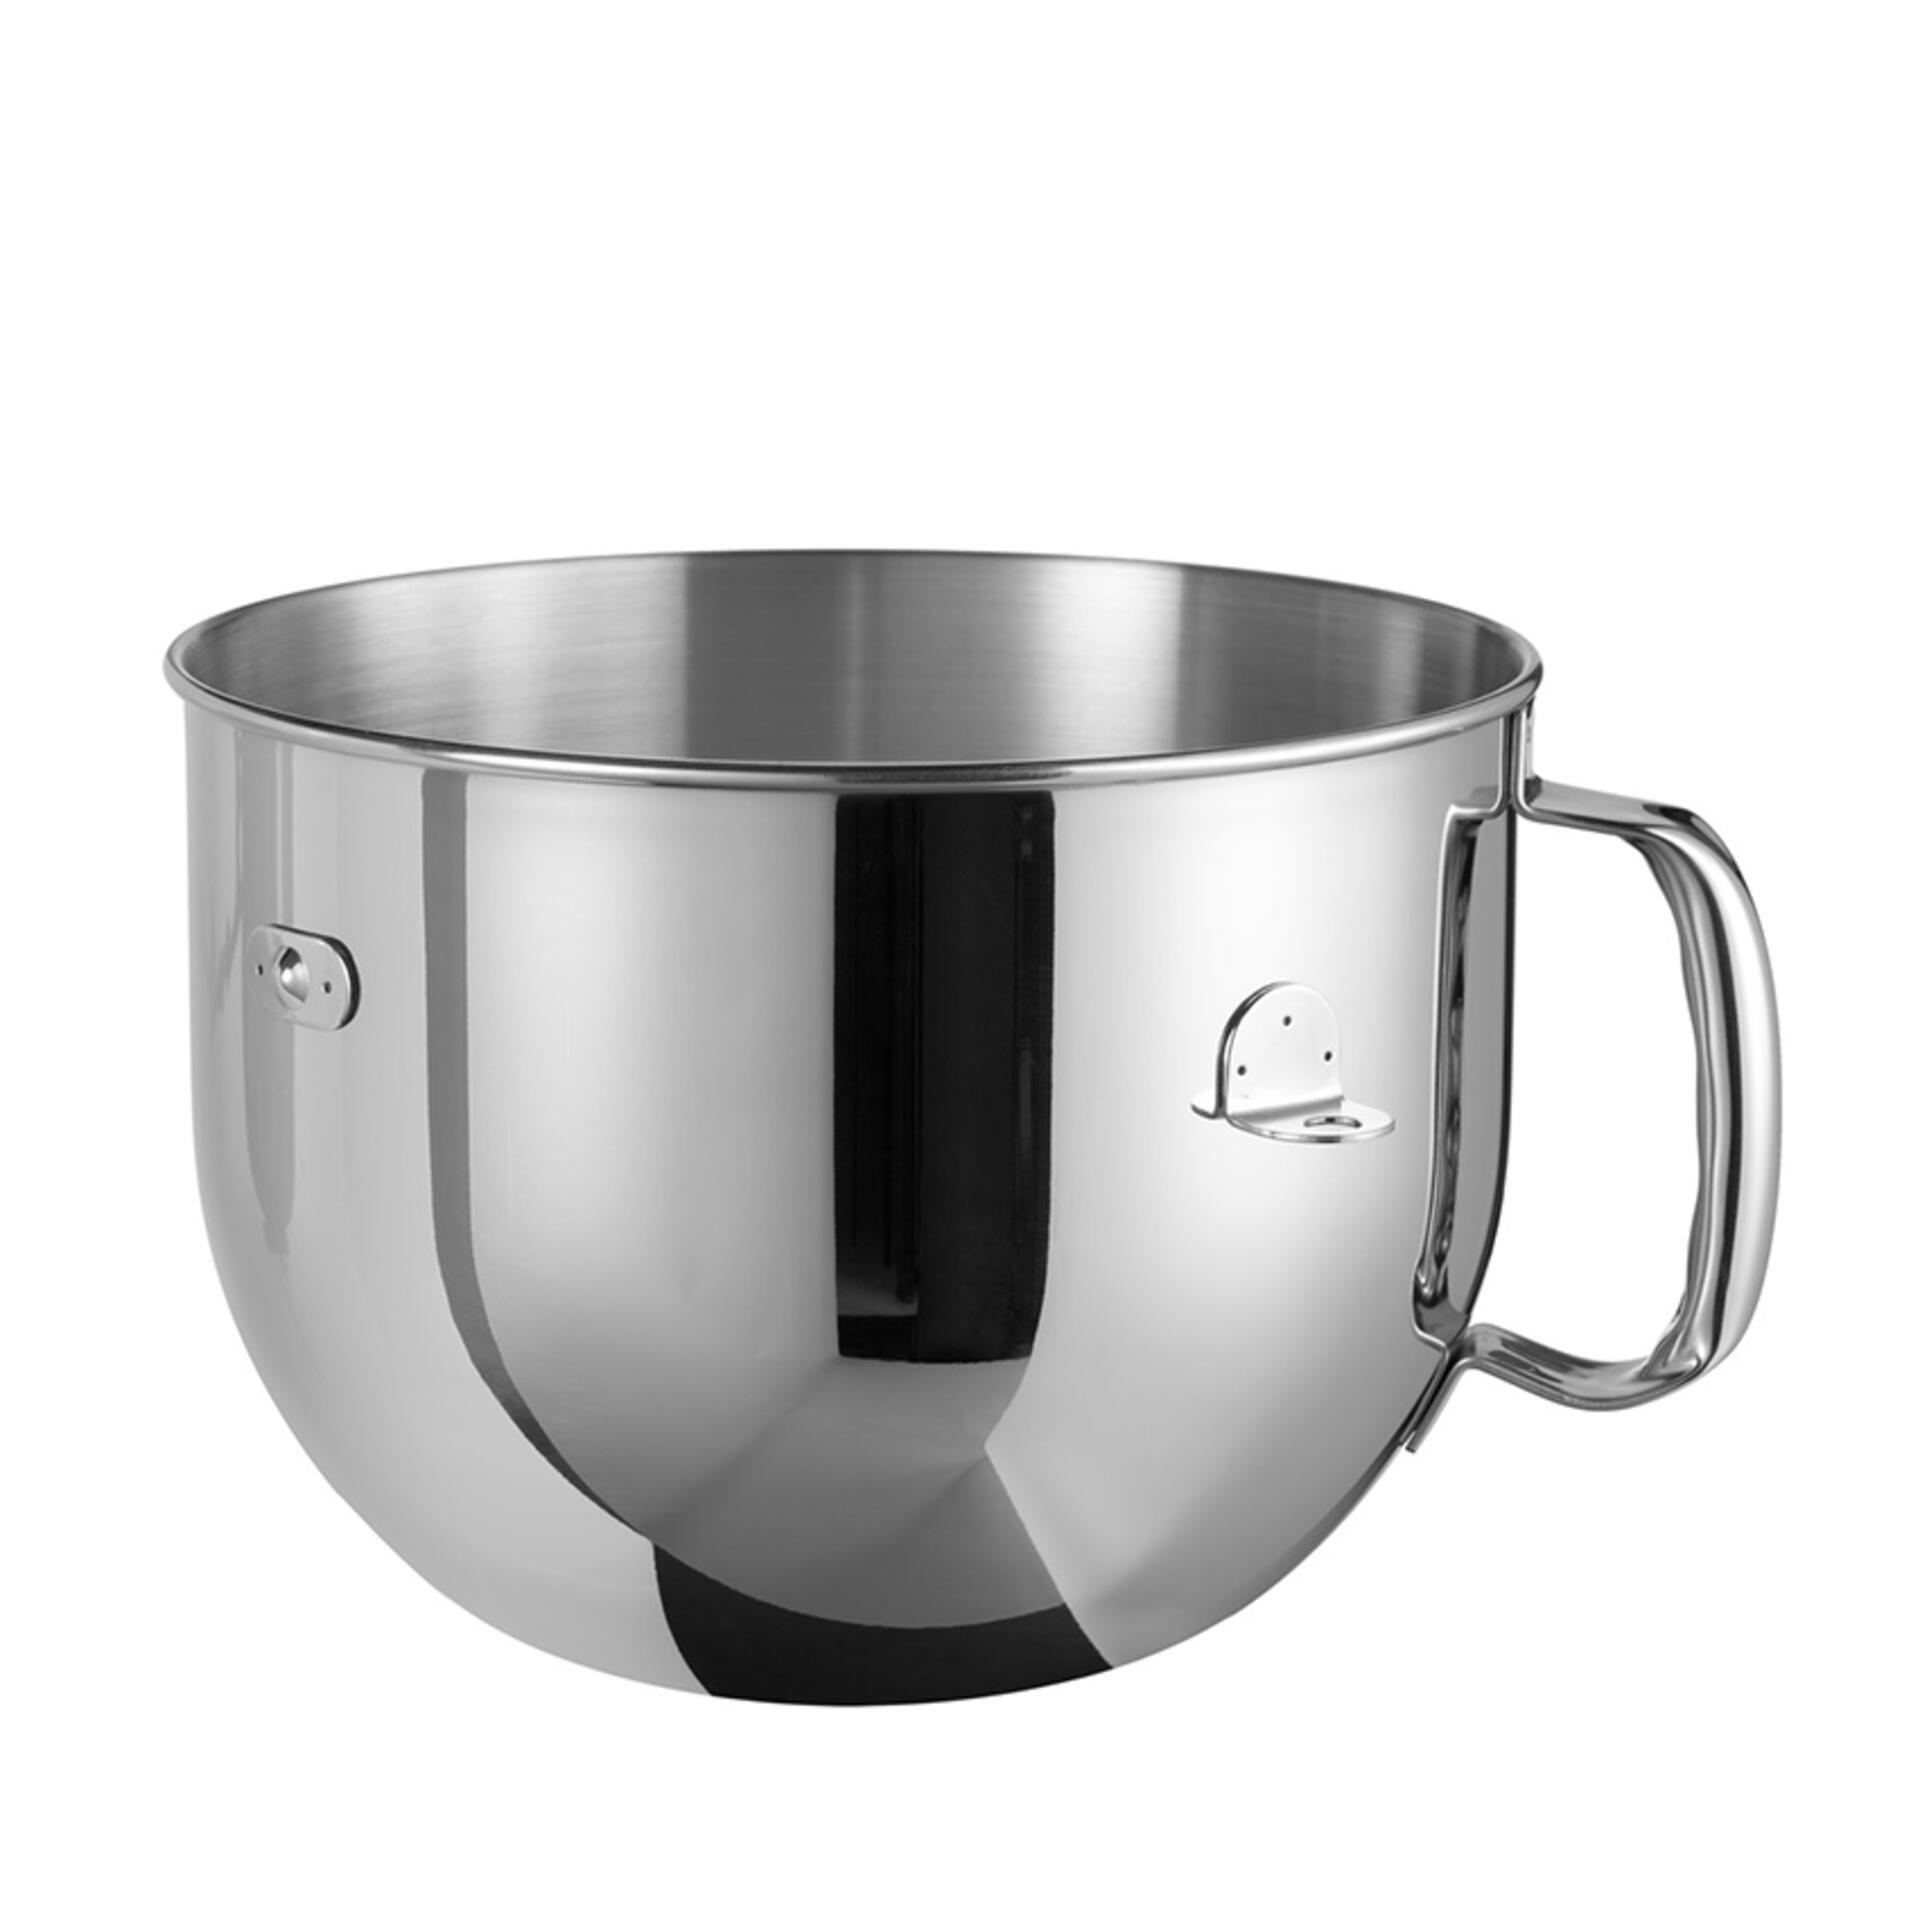 Kitchenaid Heavy Duty Küchenmaschine 6,9 Liter Weiß 5KSM7591XEWH